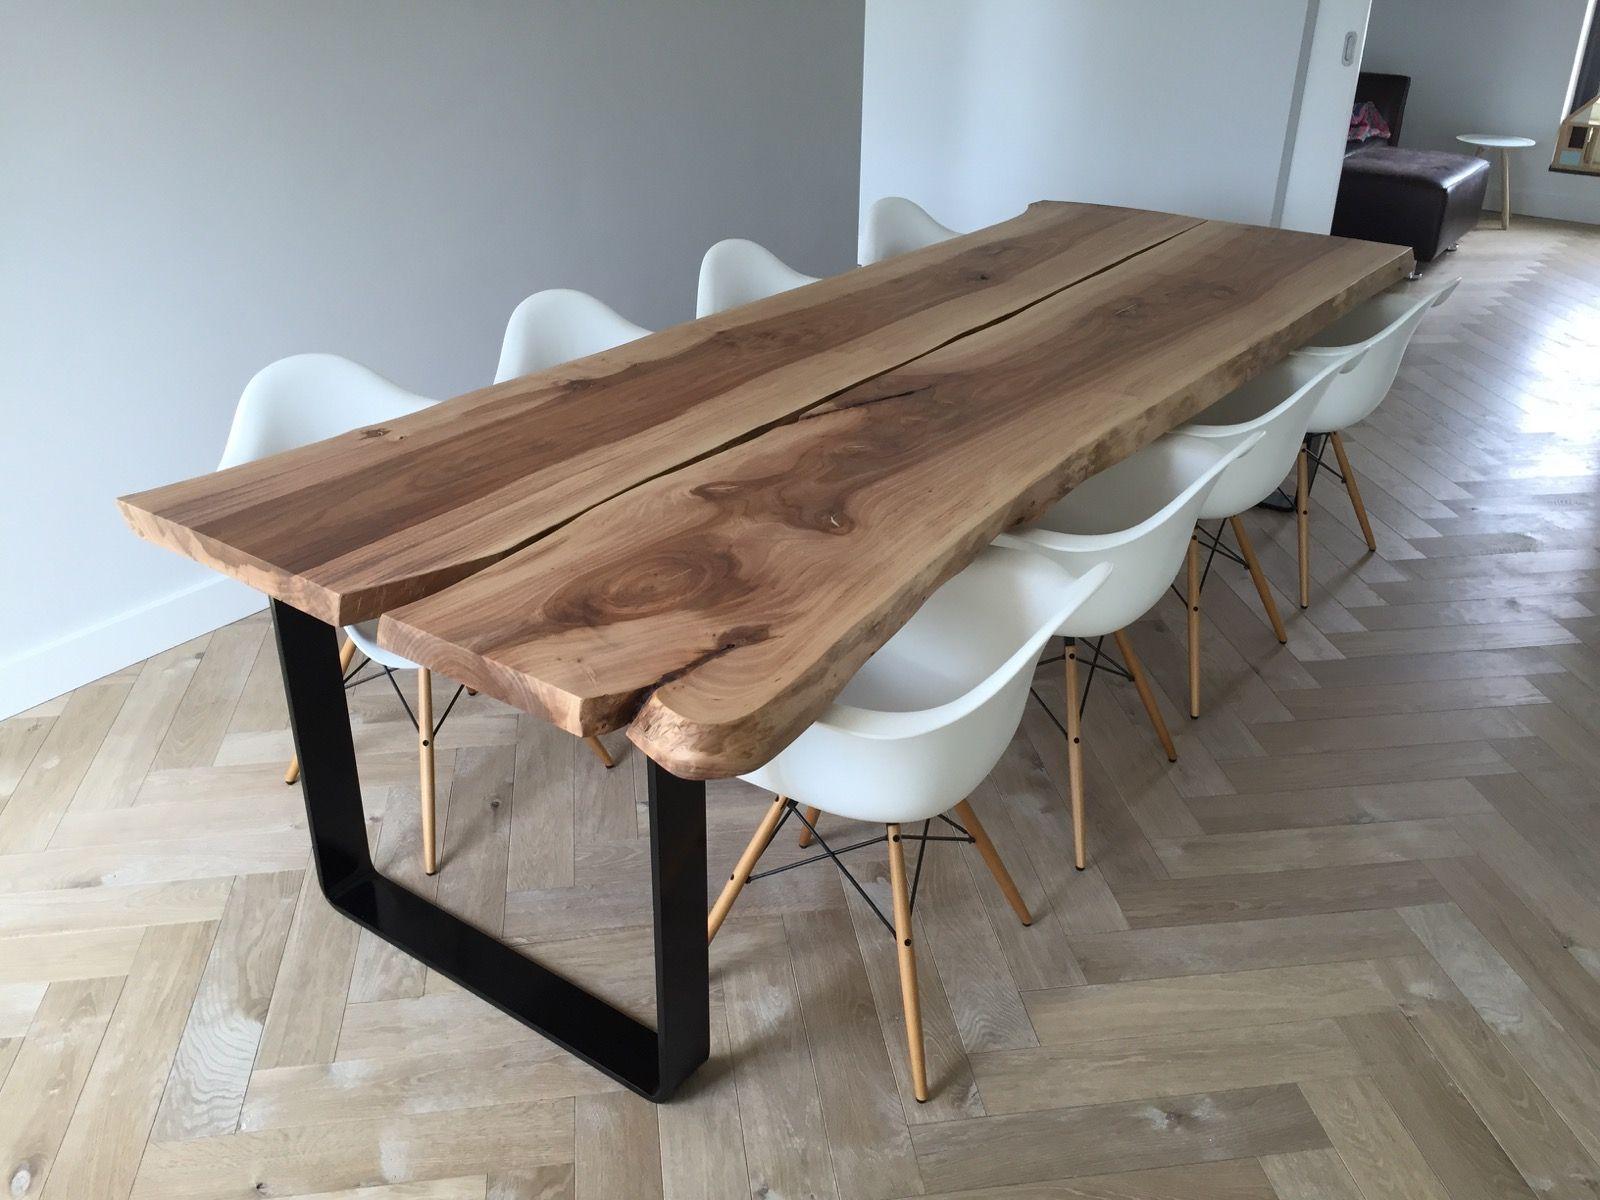 Grote Houten Tafels : Grote eettafel gemaakt uit twee delen hollandse iep uit stam